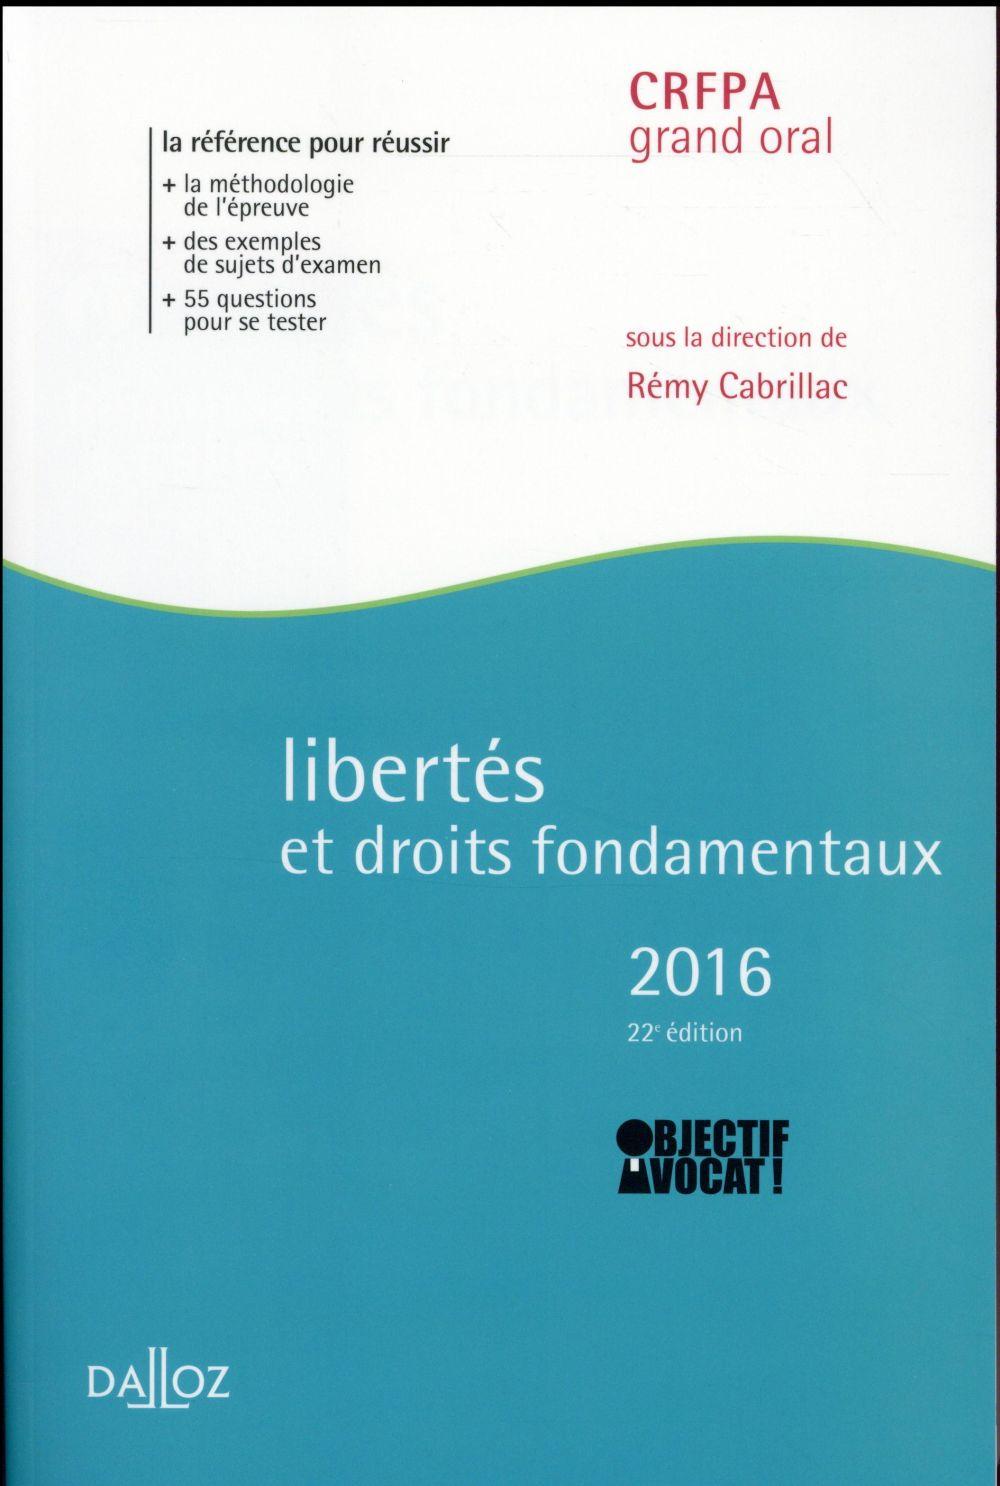 Libertés et droits fondamentaux (édition 2016)